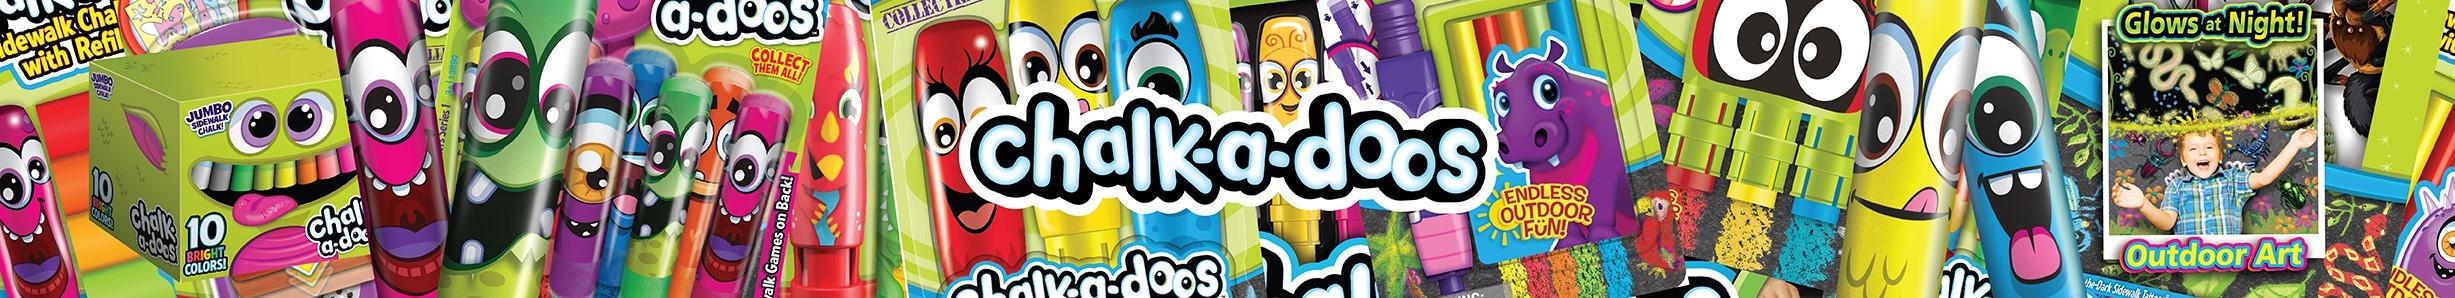 Chalk A Doos